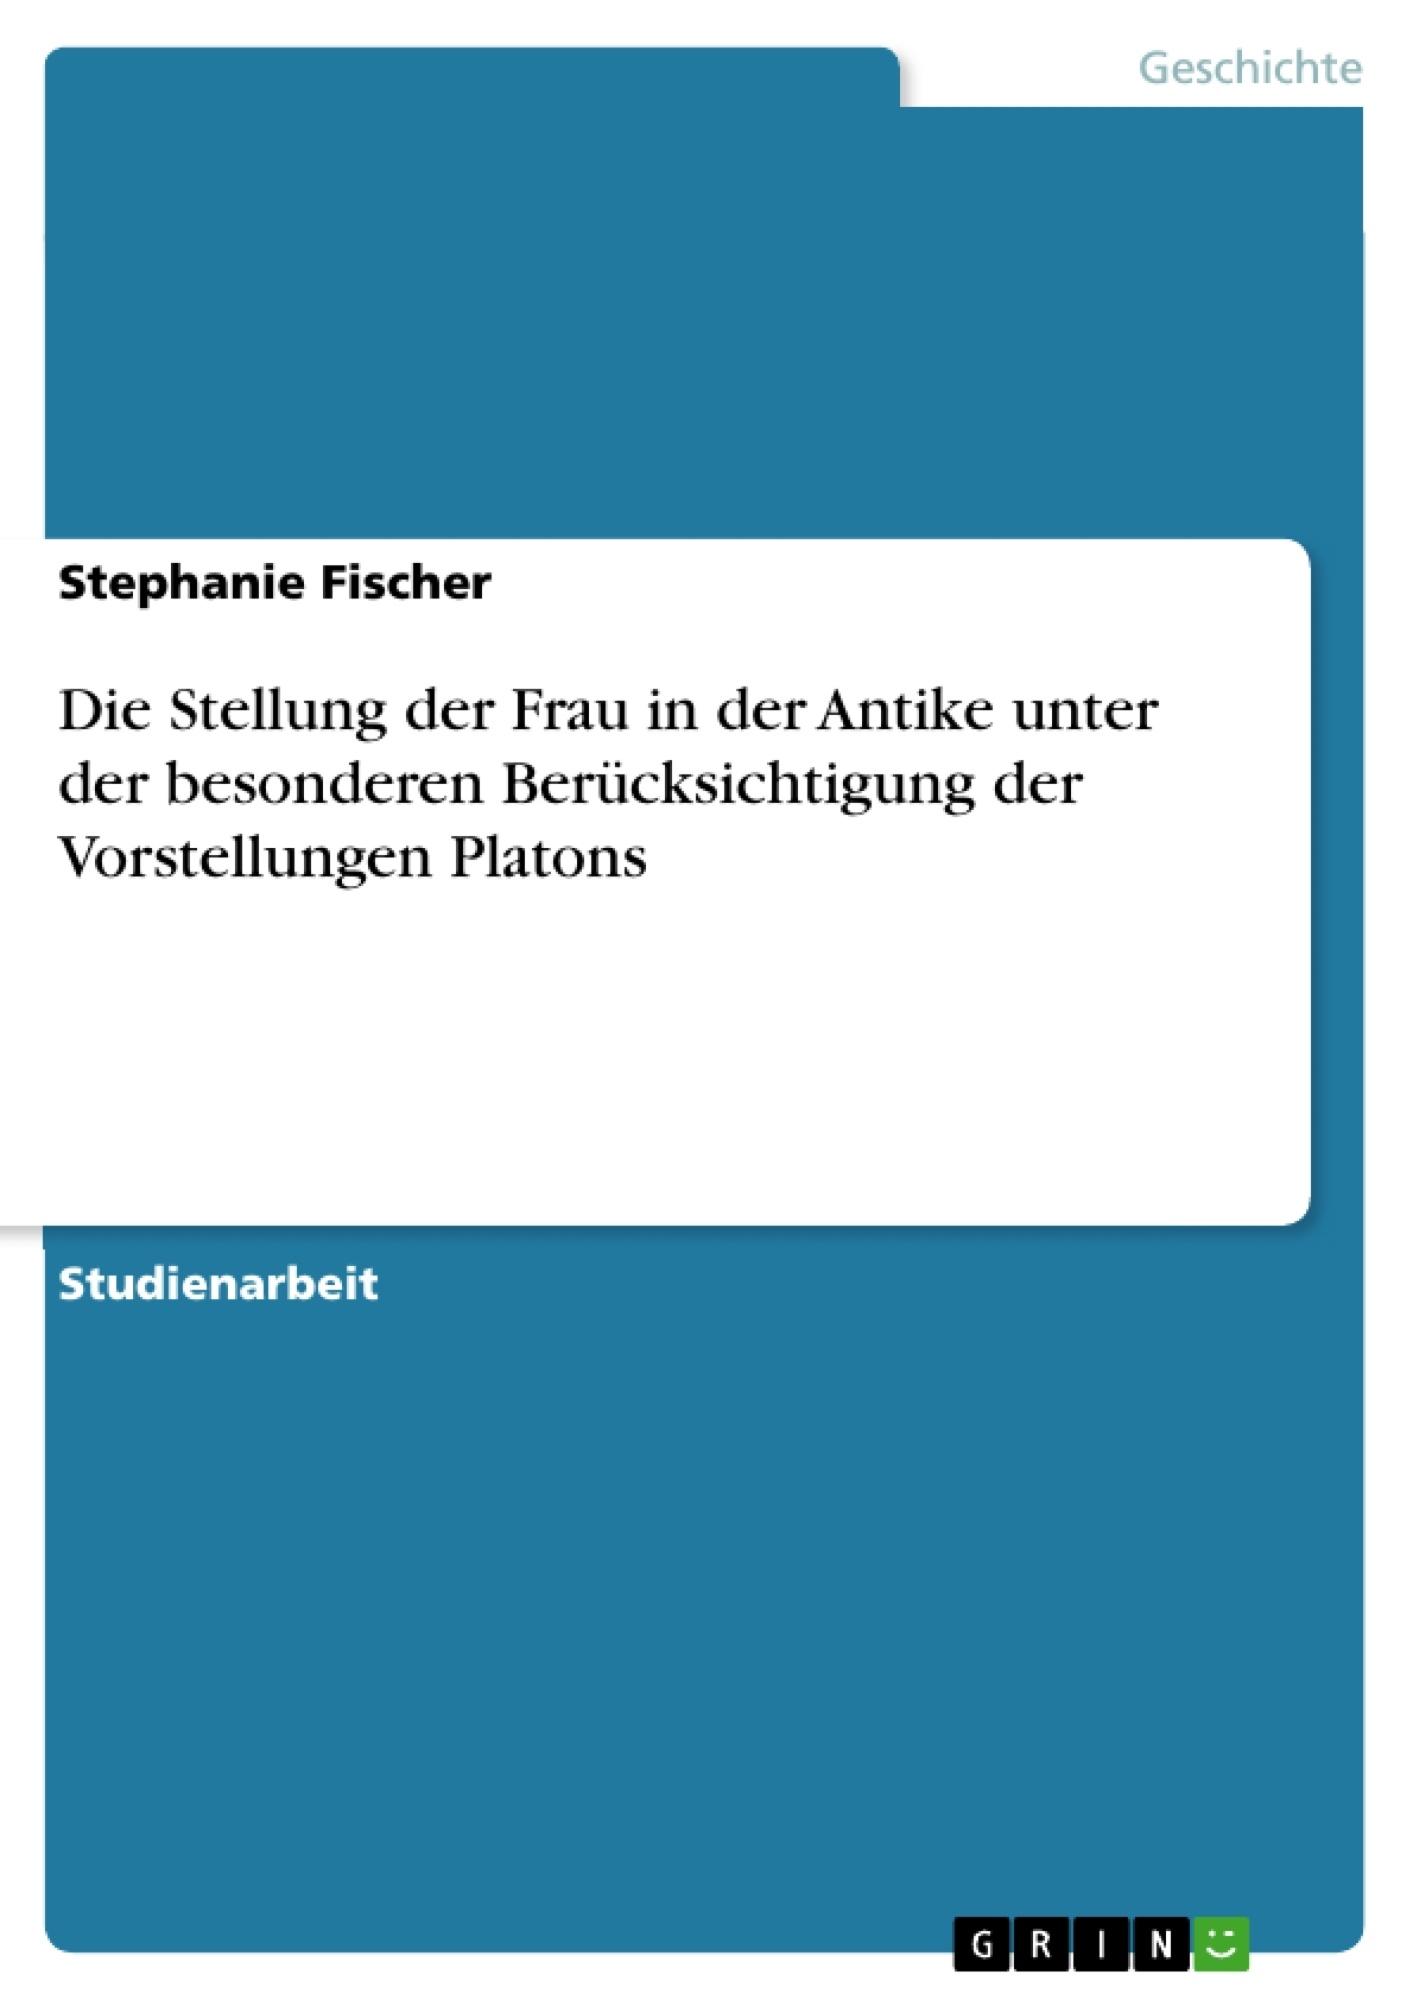 Titel: Die Stellung der Frau in der Antike unter der besonderen Berücksichtigung der Vorstellungen Platons